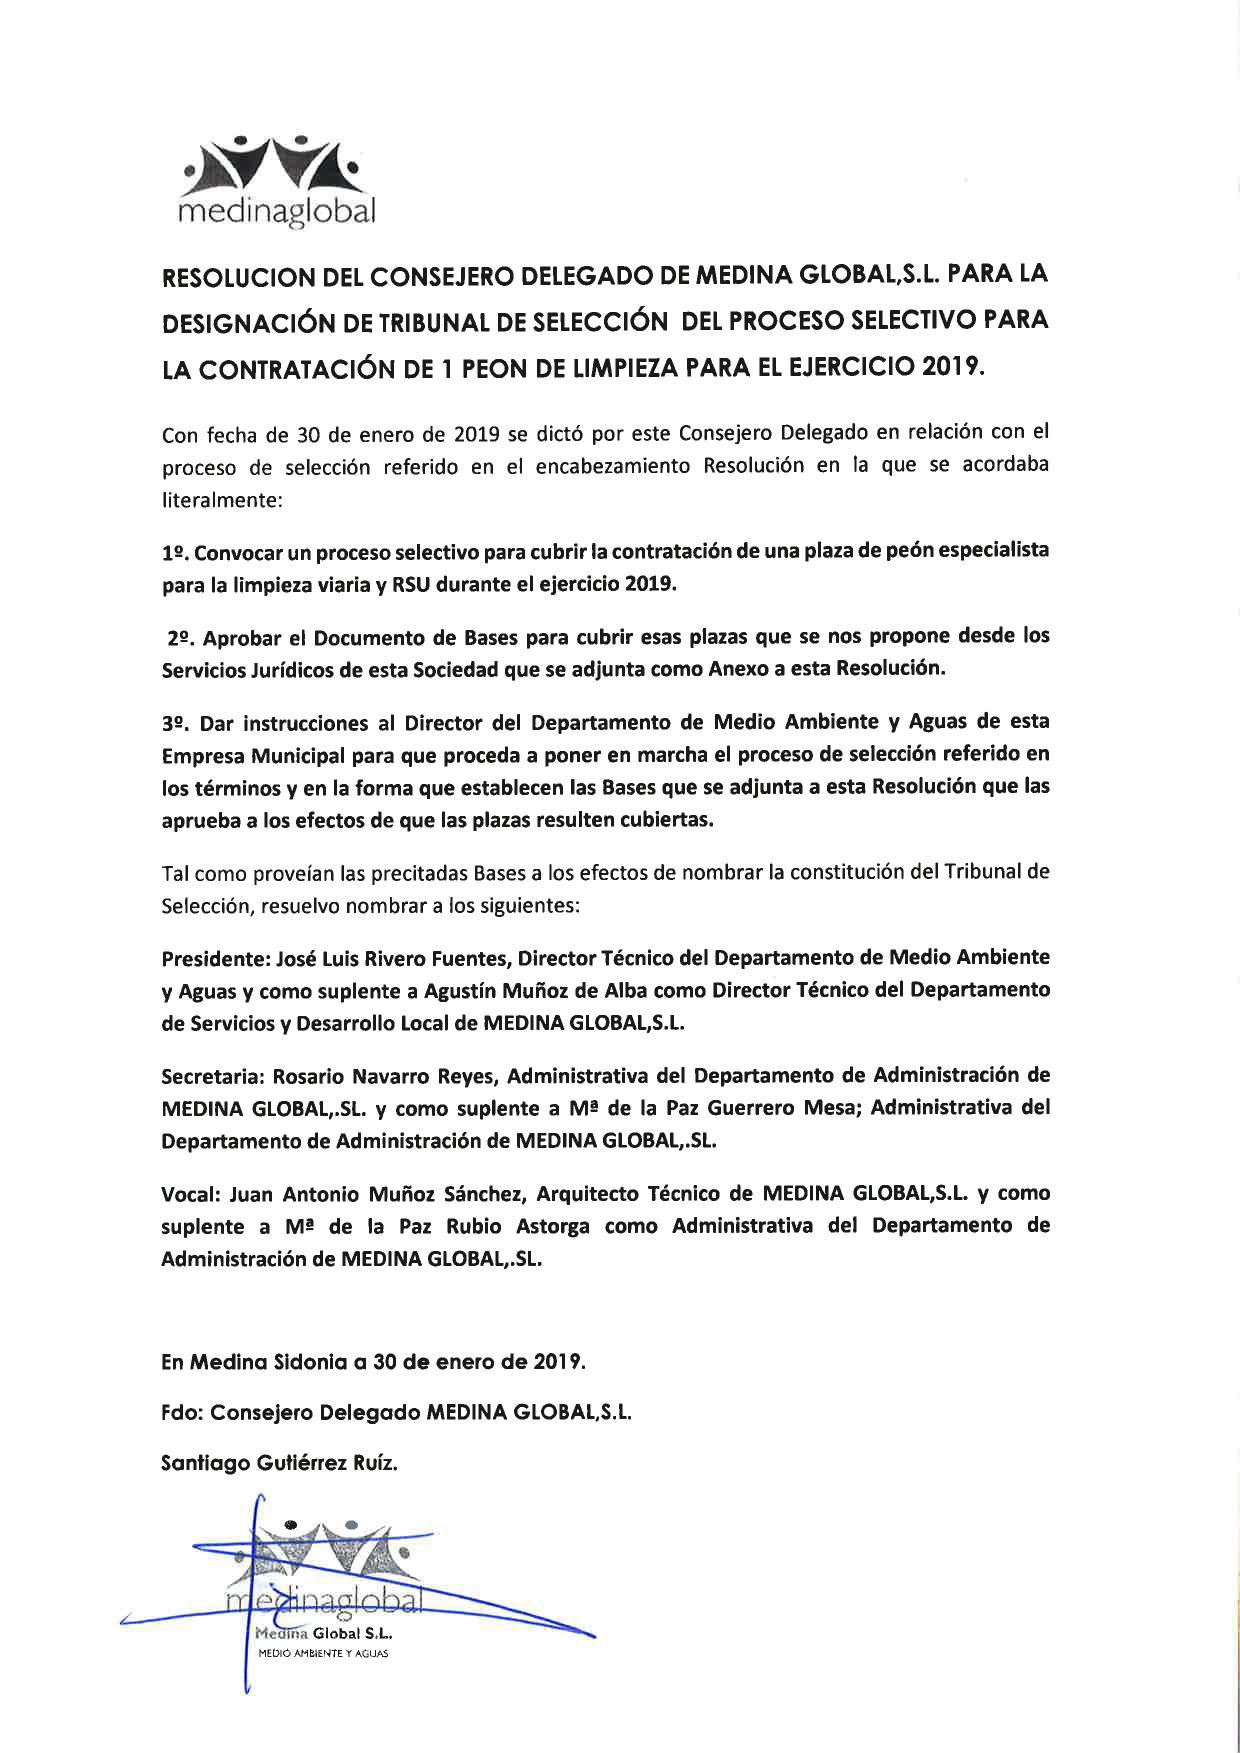 RESOLUCION CONSEJ DELG DESGINACION TRIBUNAL CONTRATACION PEON LIMPIEZA 30.01.2019